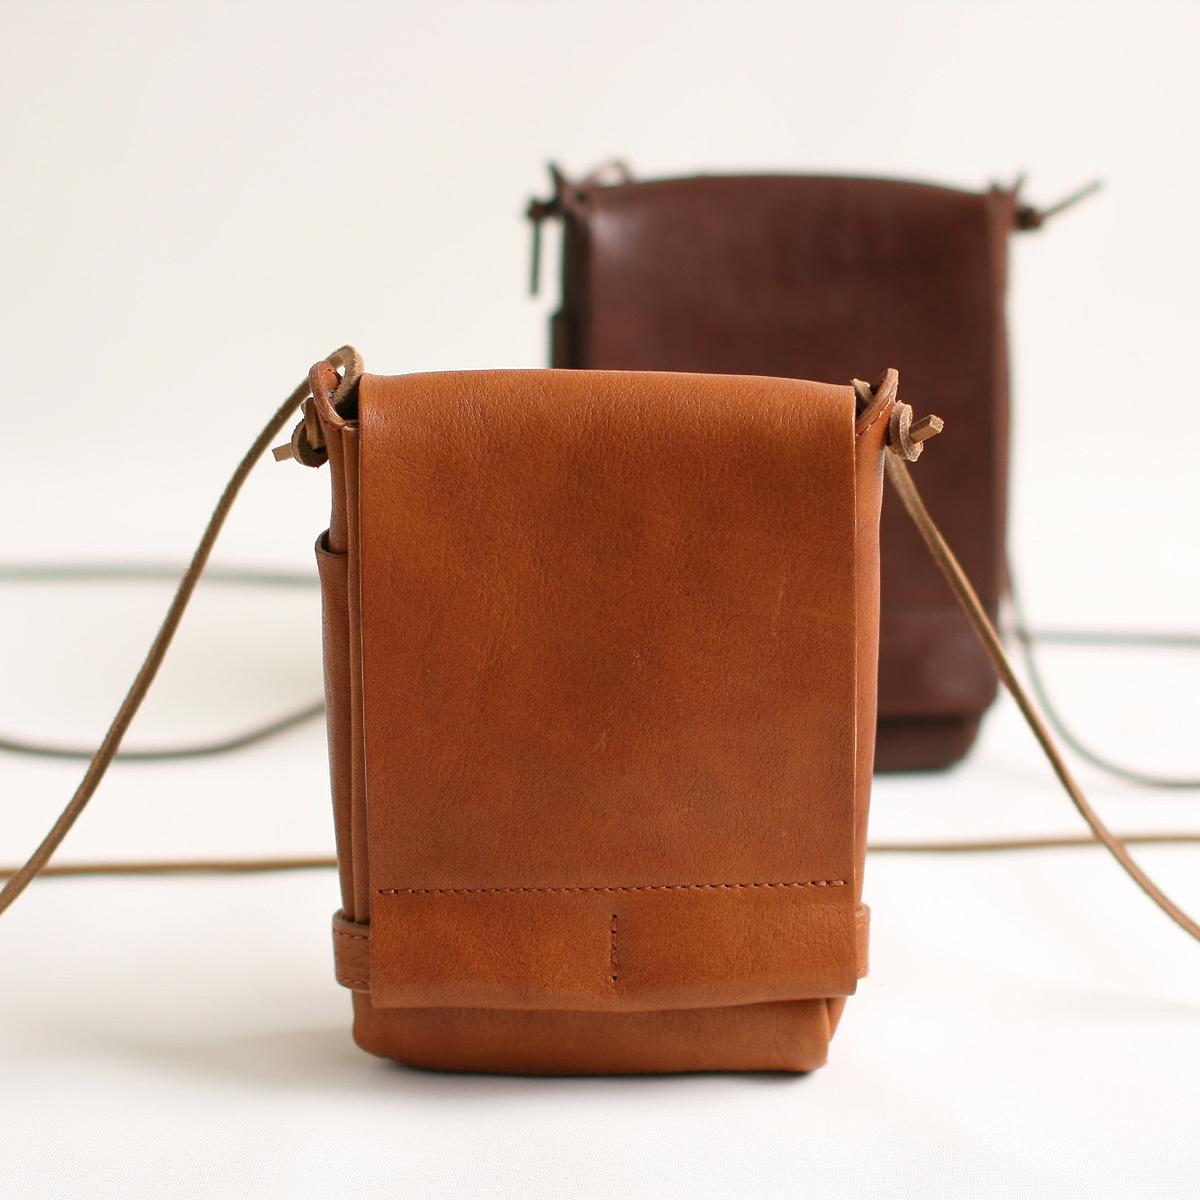 pouch sizeL